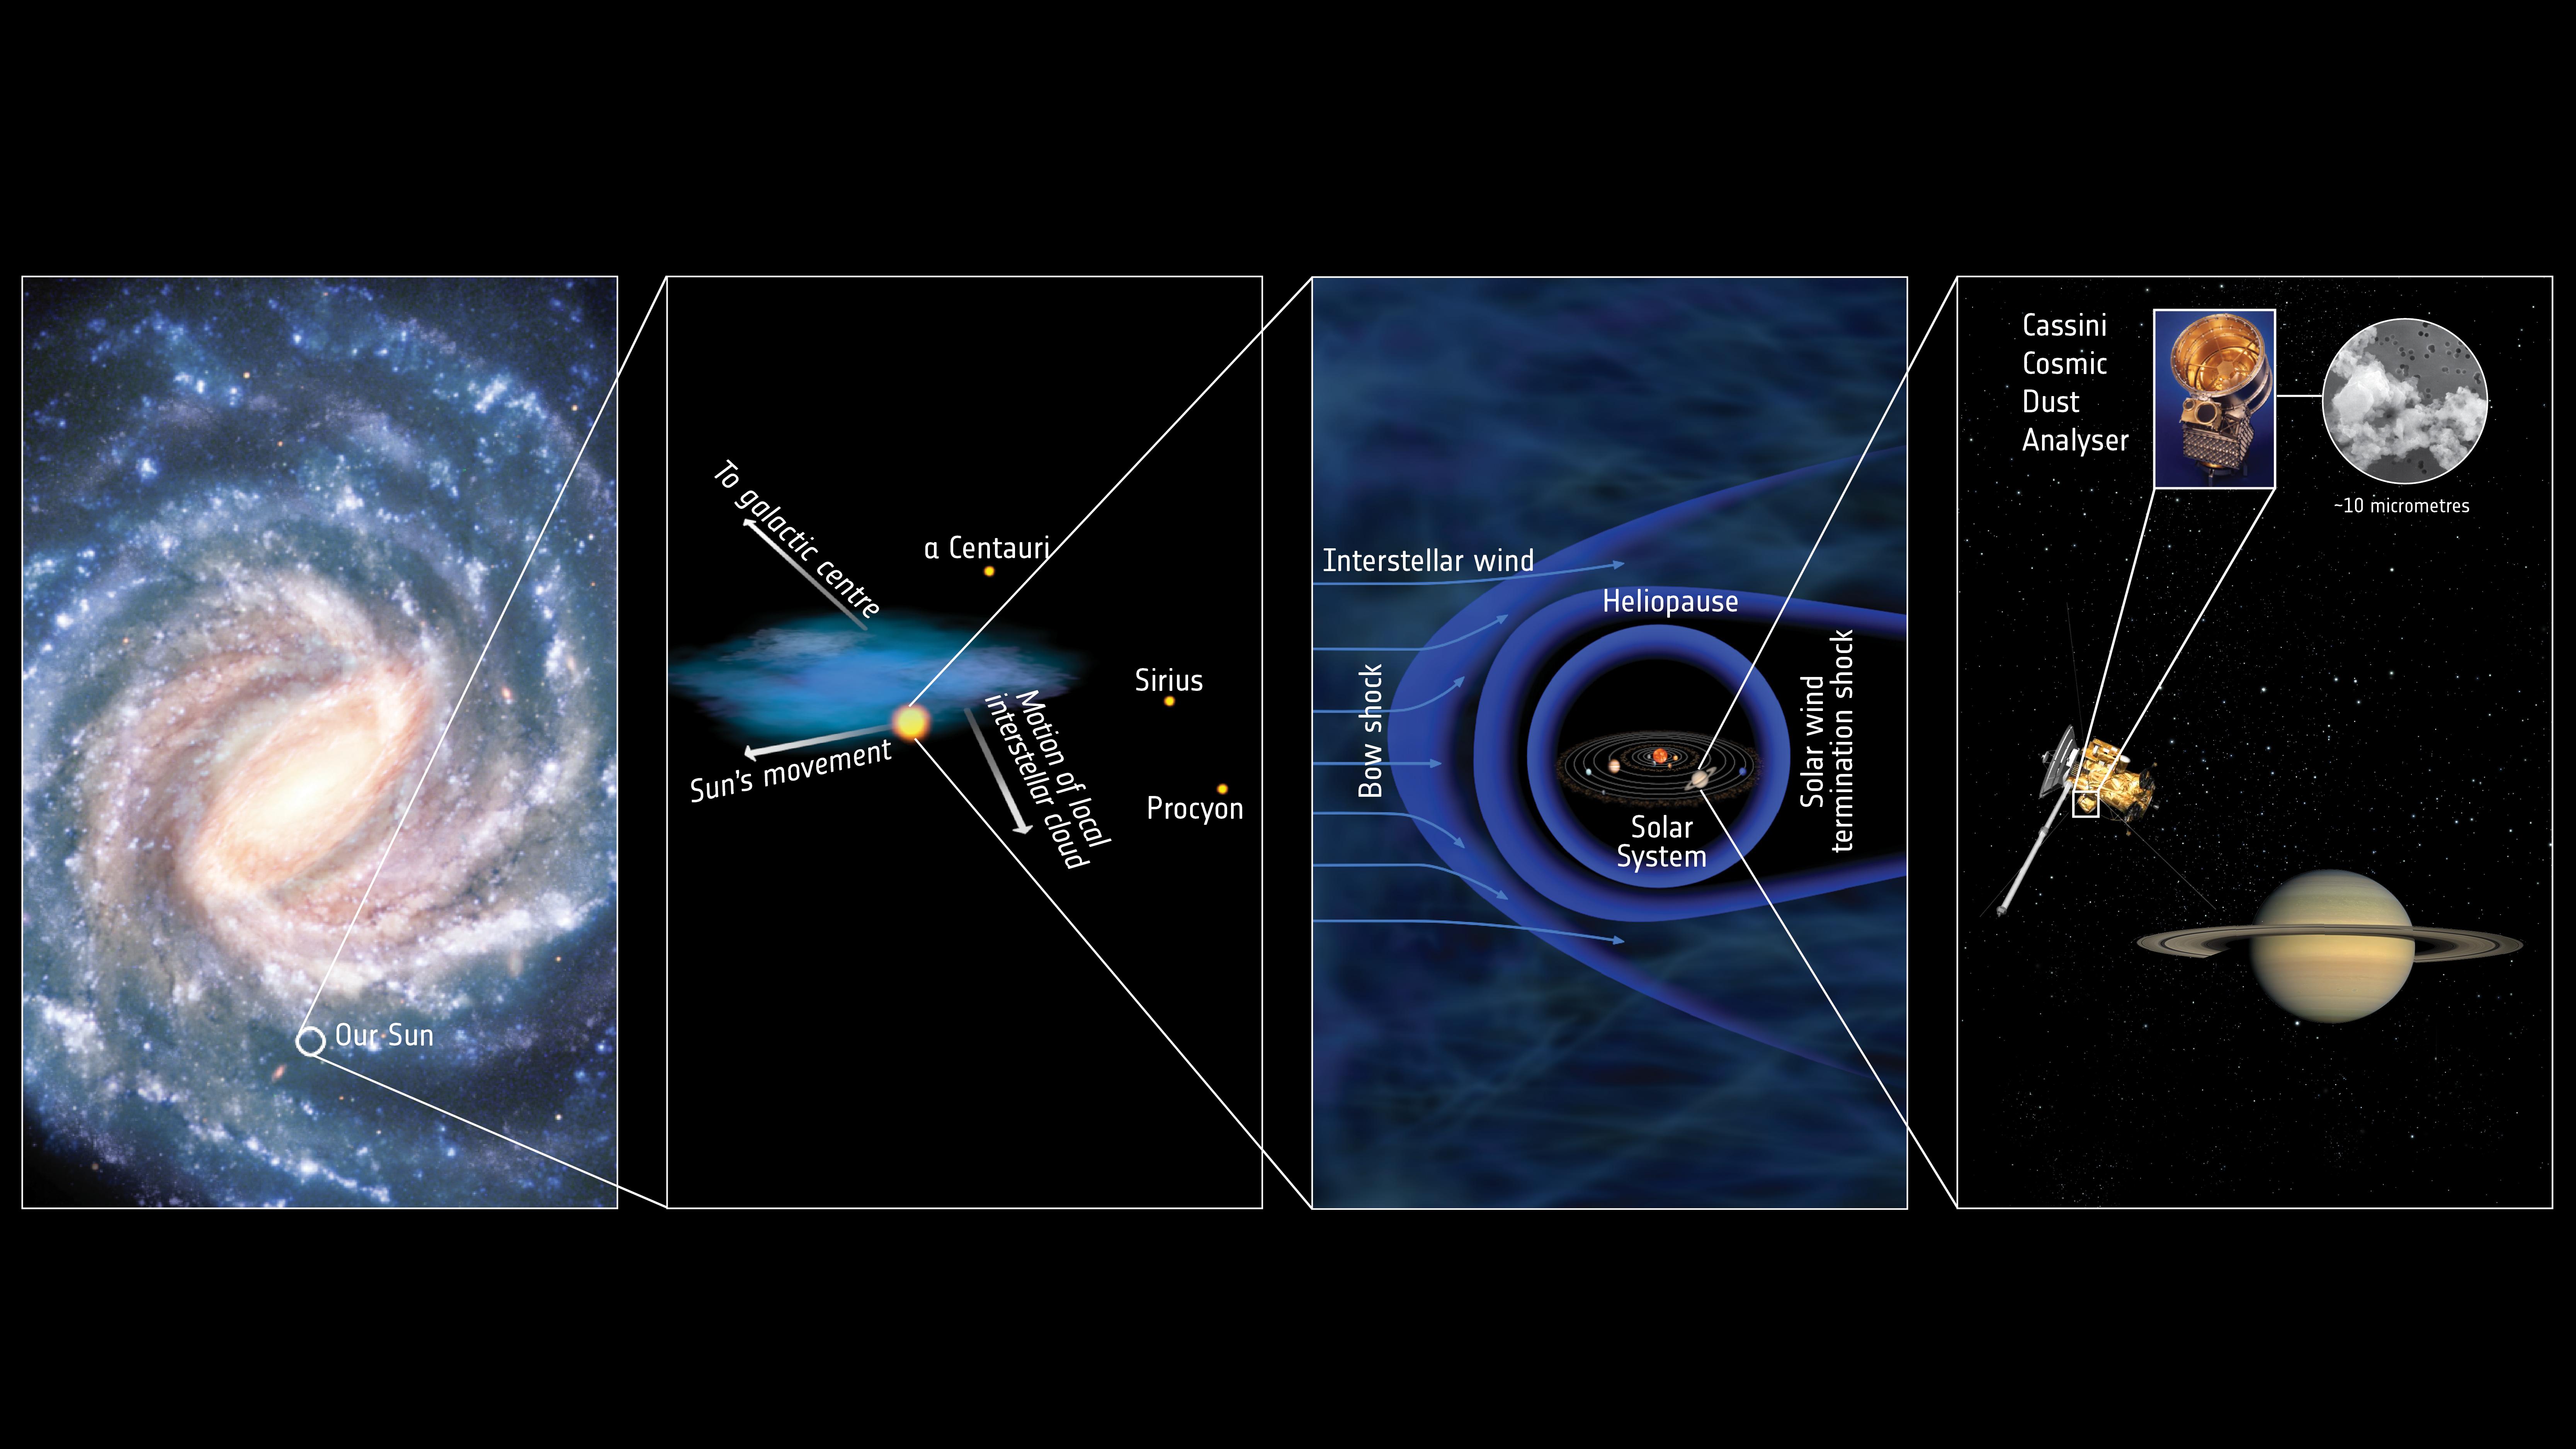 1567215201199-Cassini_interstellar_dust_20160414.jpg